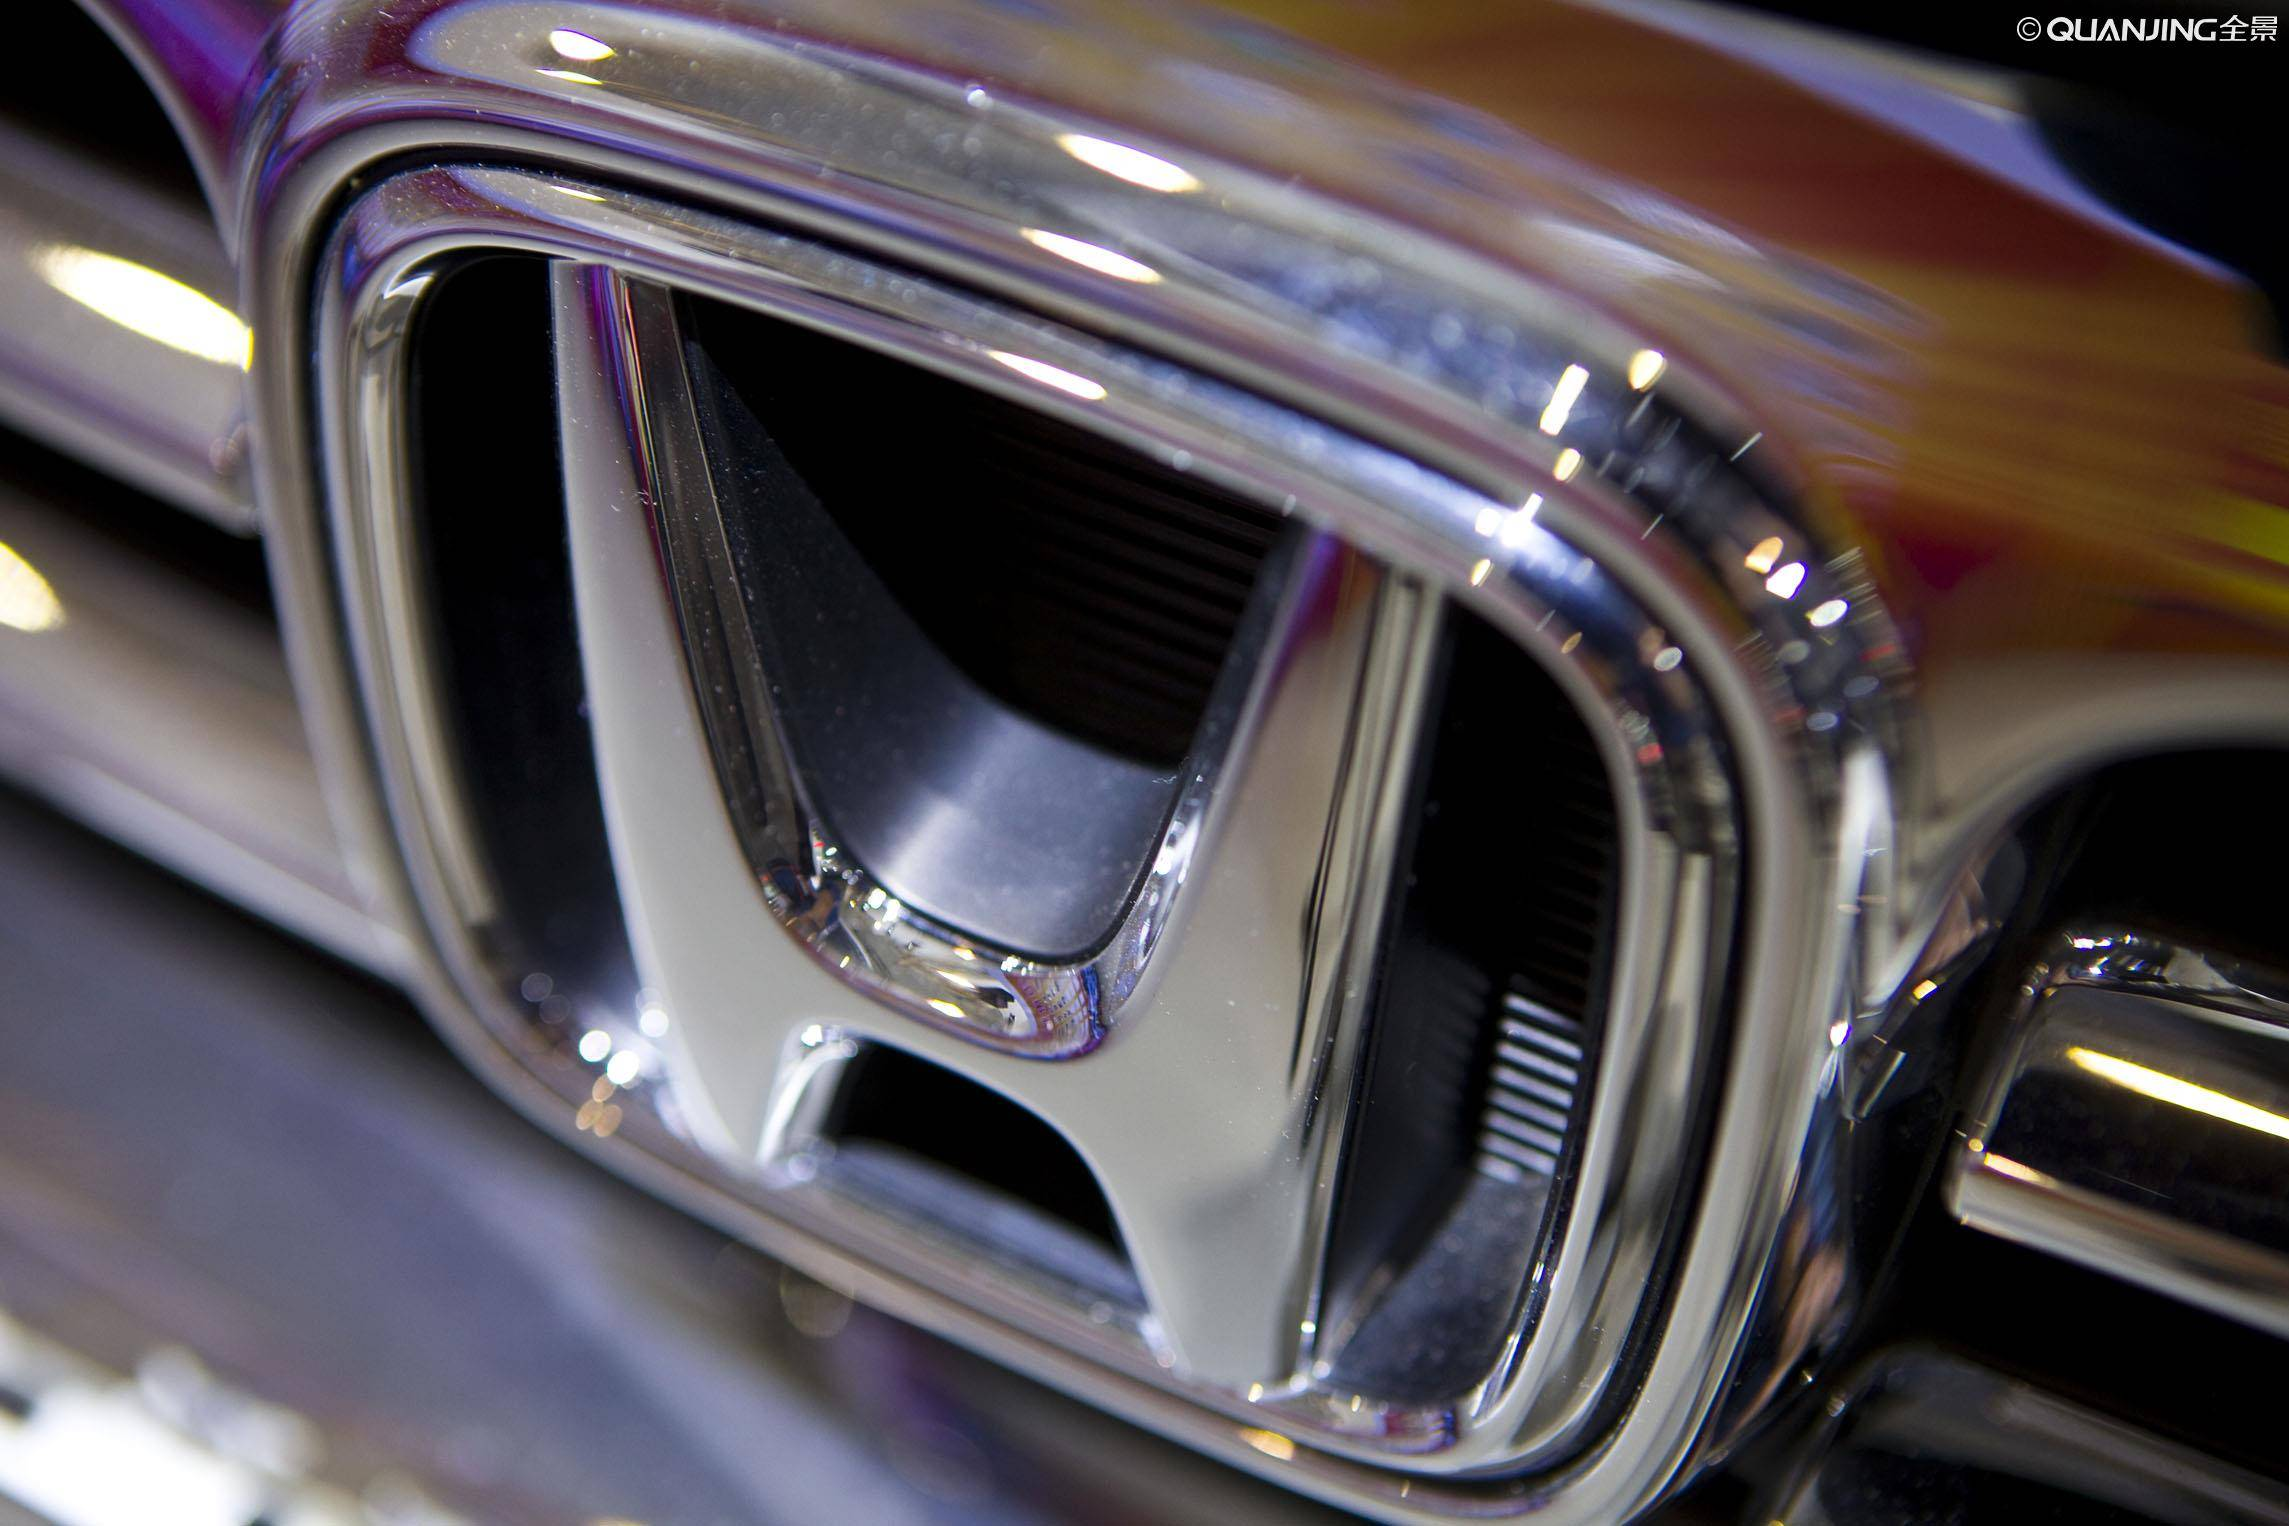 南北本田销量均超80万辆大关 混动车销量超20万辆占比12.38%